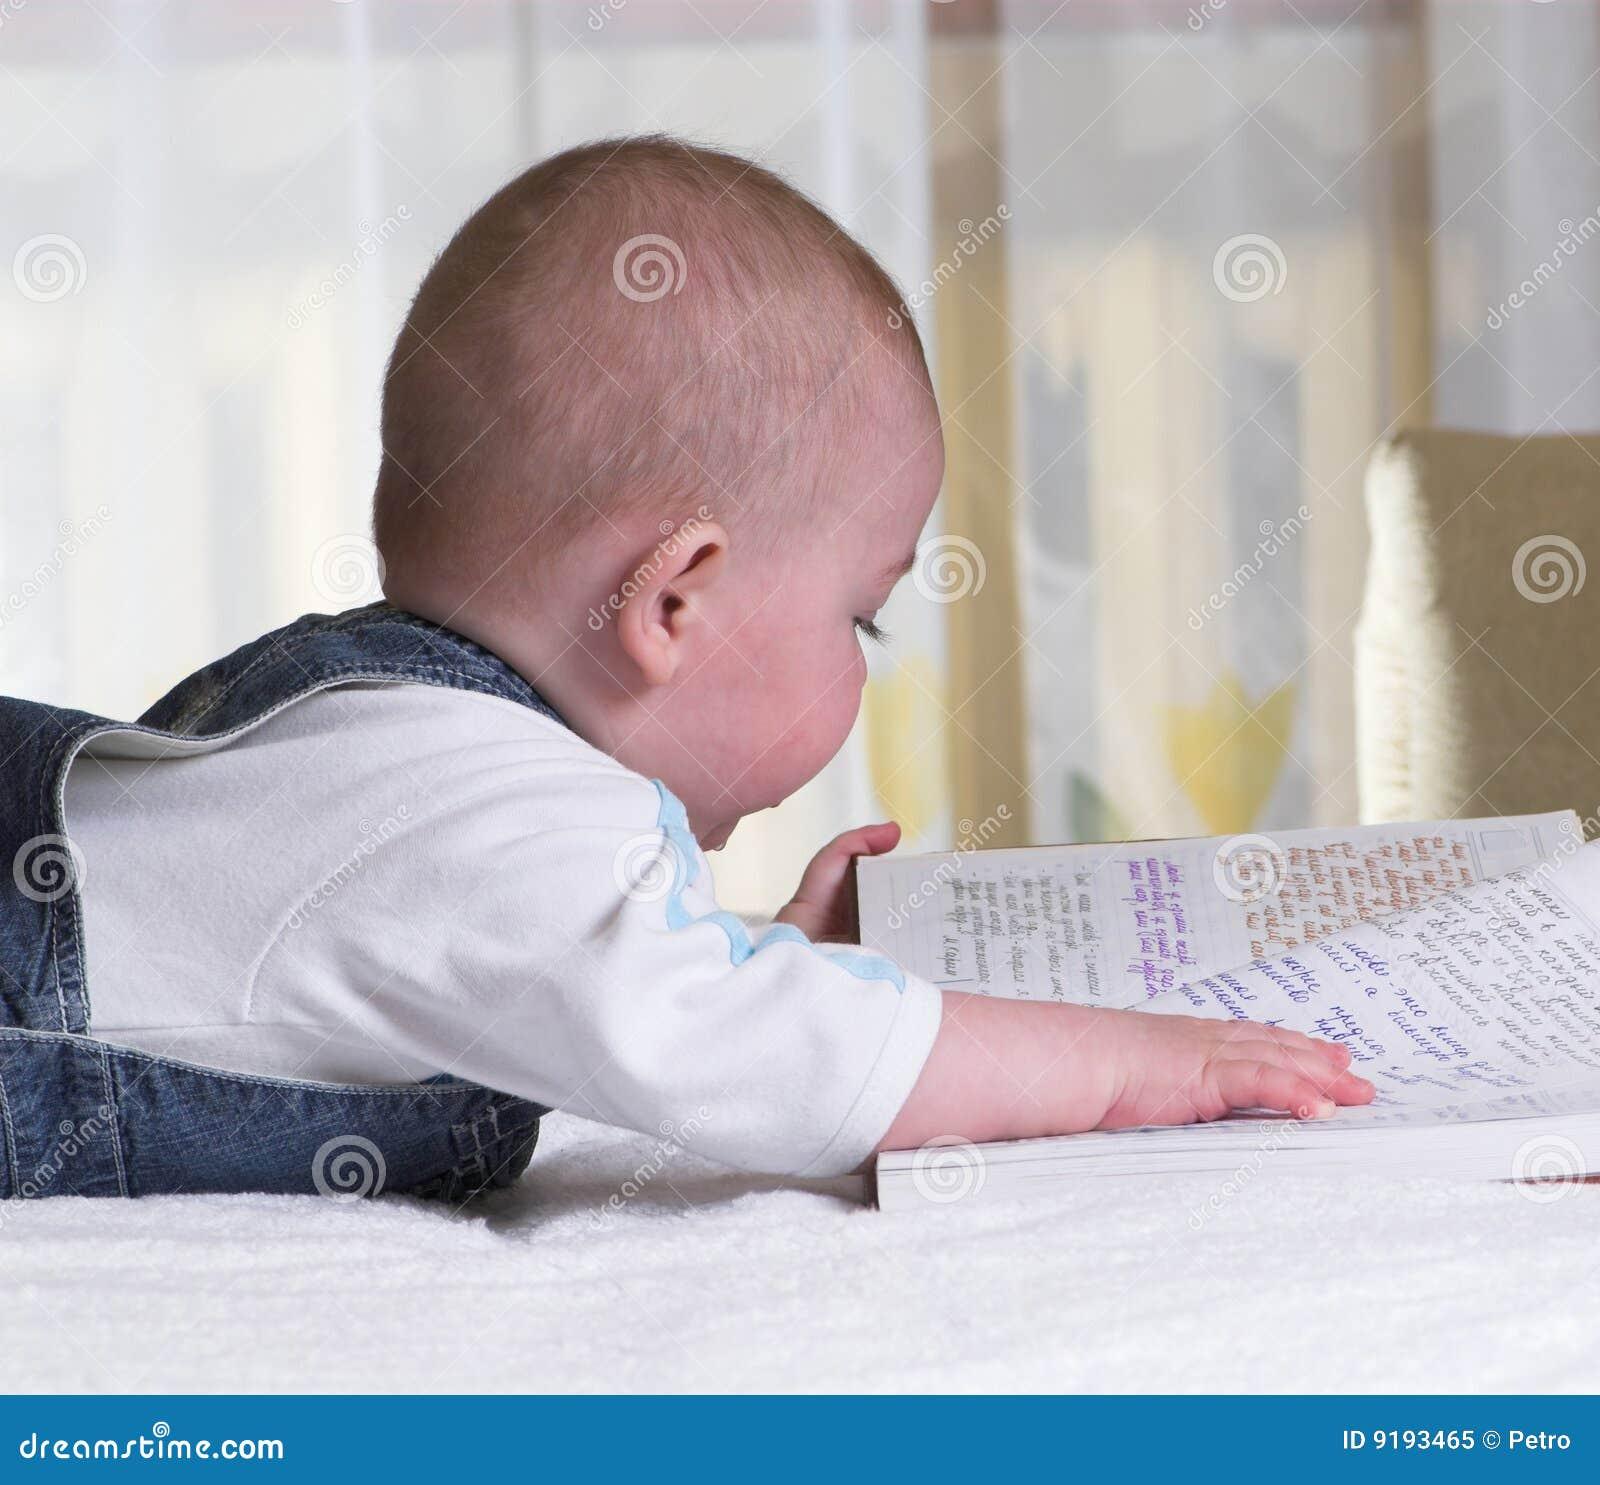 El ni o peque o lee el manuscrito foto de archivo libre de - Foto nino pequeno ...